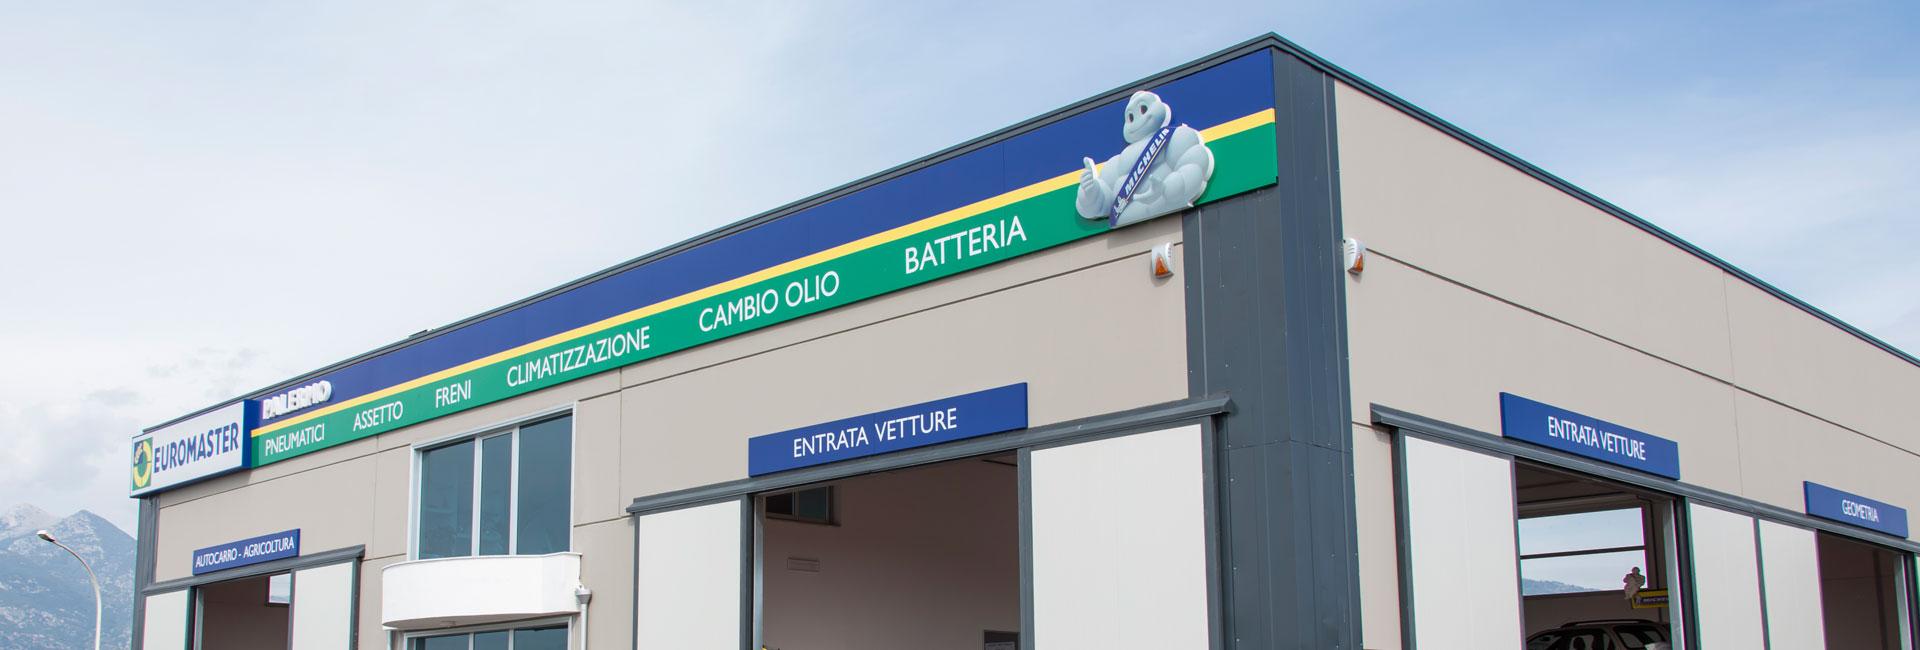 centro euromaster cosenza